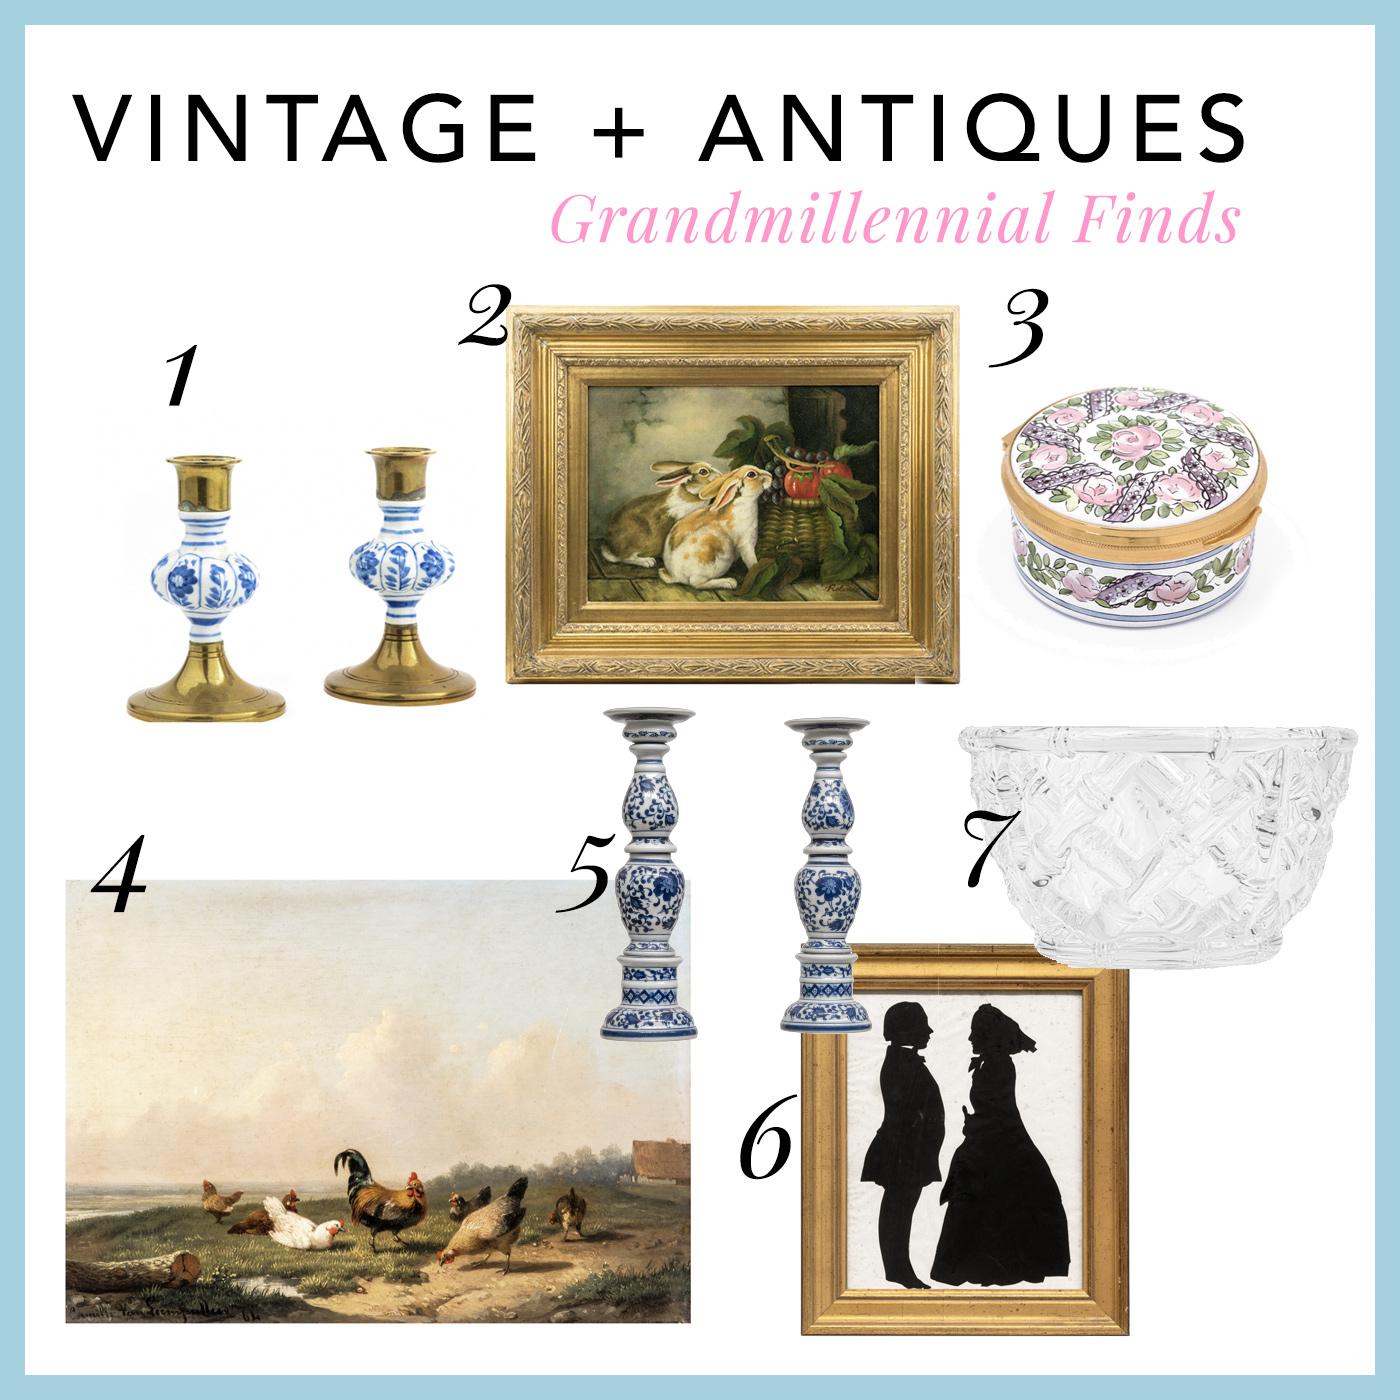 vintage and antique online store allthedecor.com - unique home decor finds decorative baskets, British boxes, vintage artwork, silhouettes, grandmillennial decor